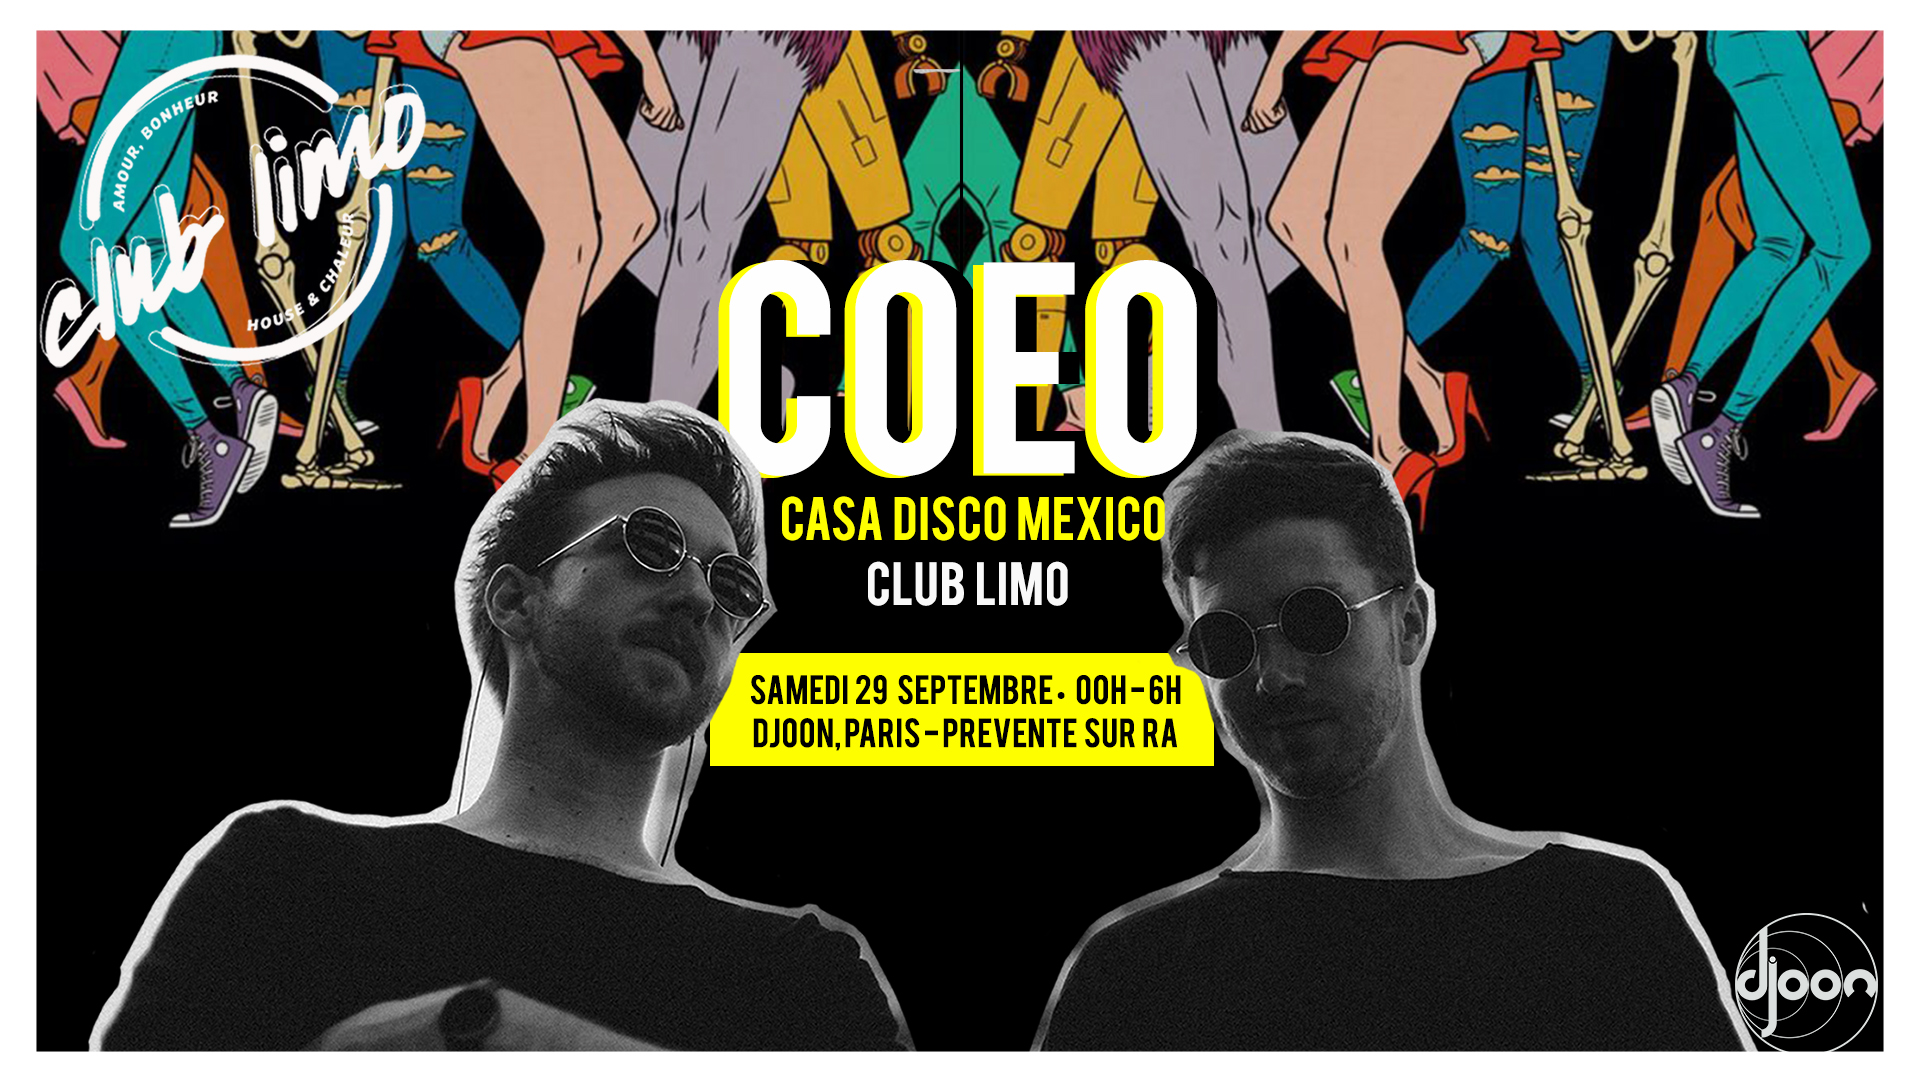 Club limo invite COEO & CASA DISCO